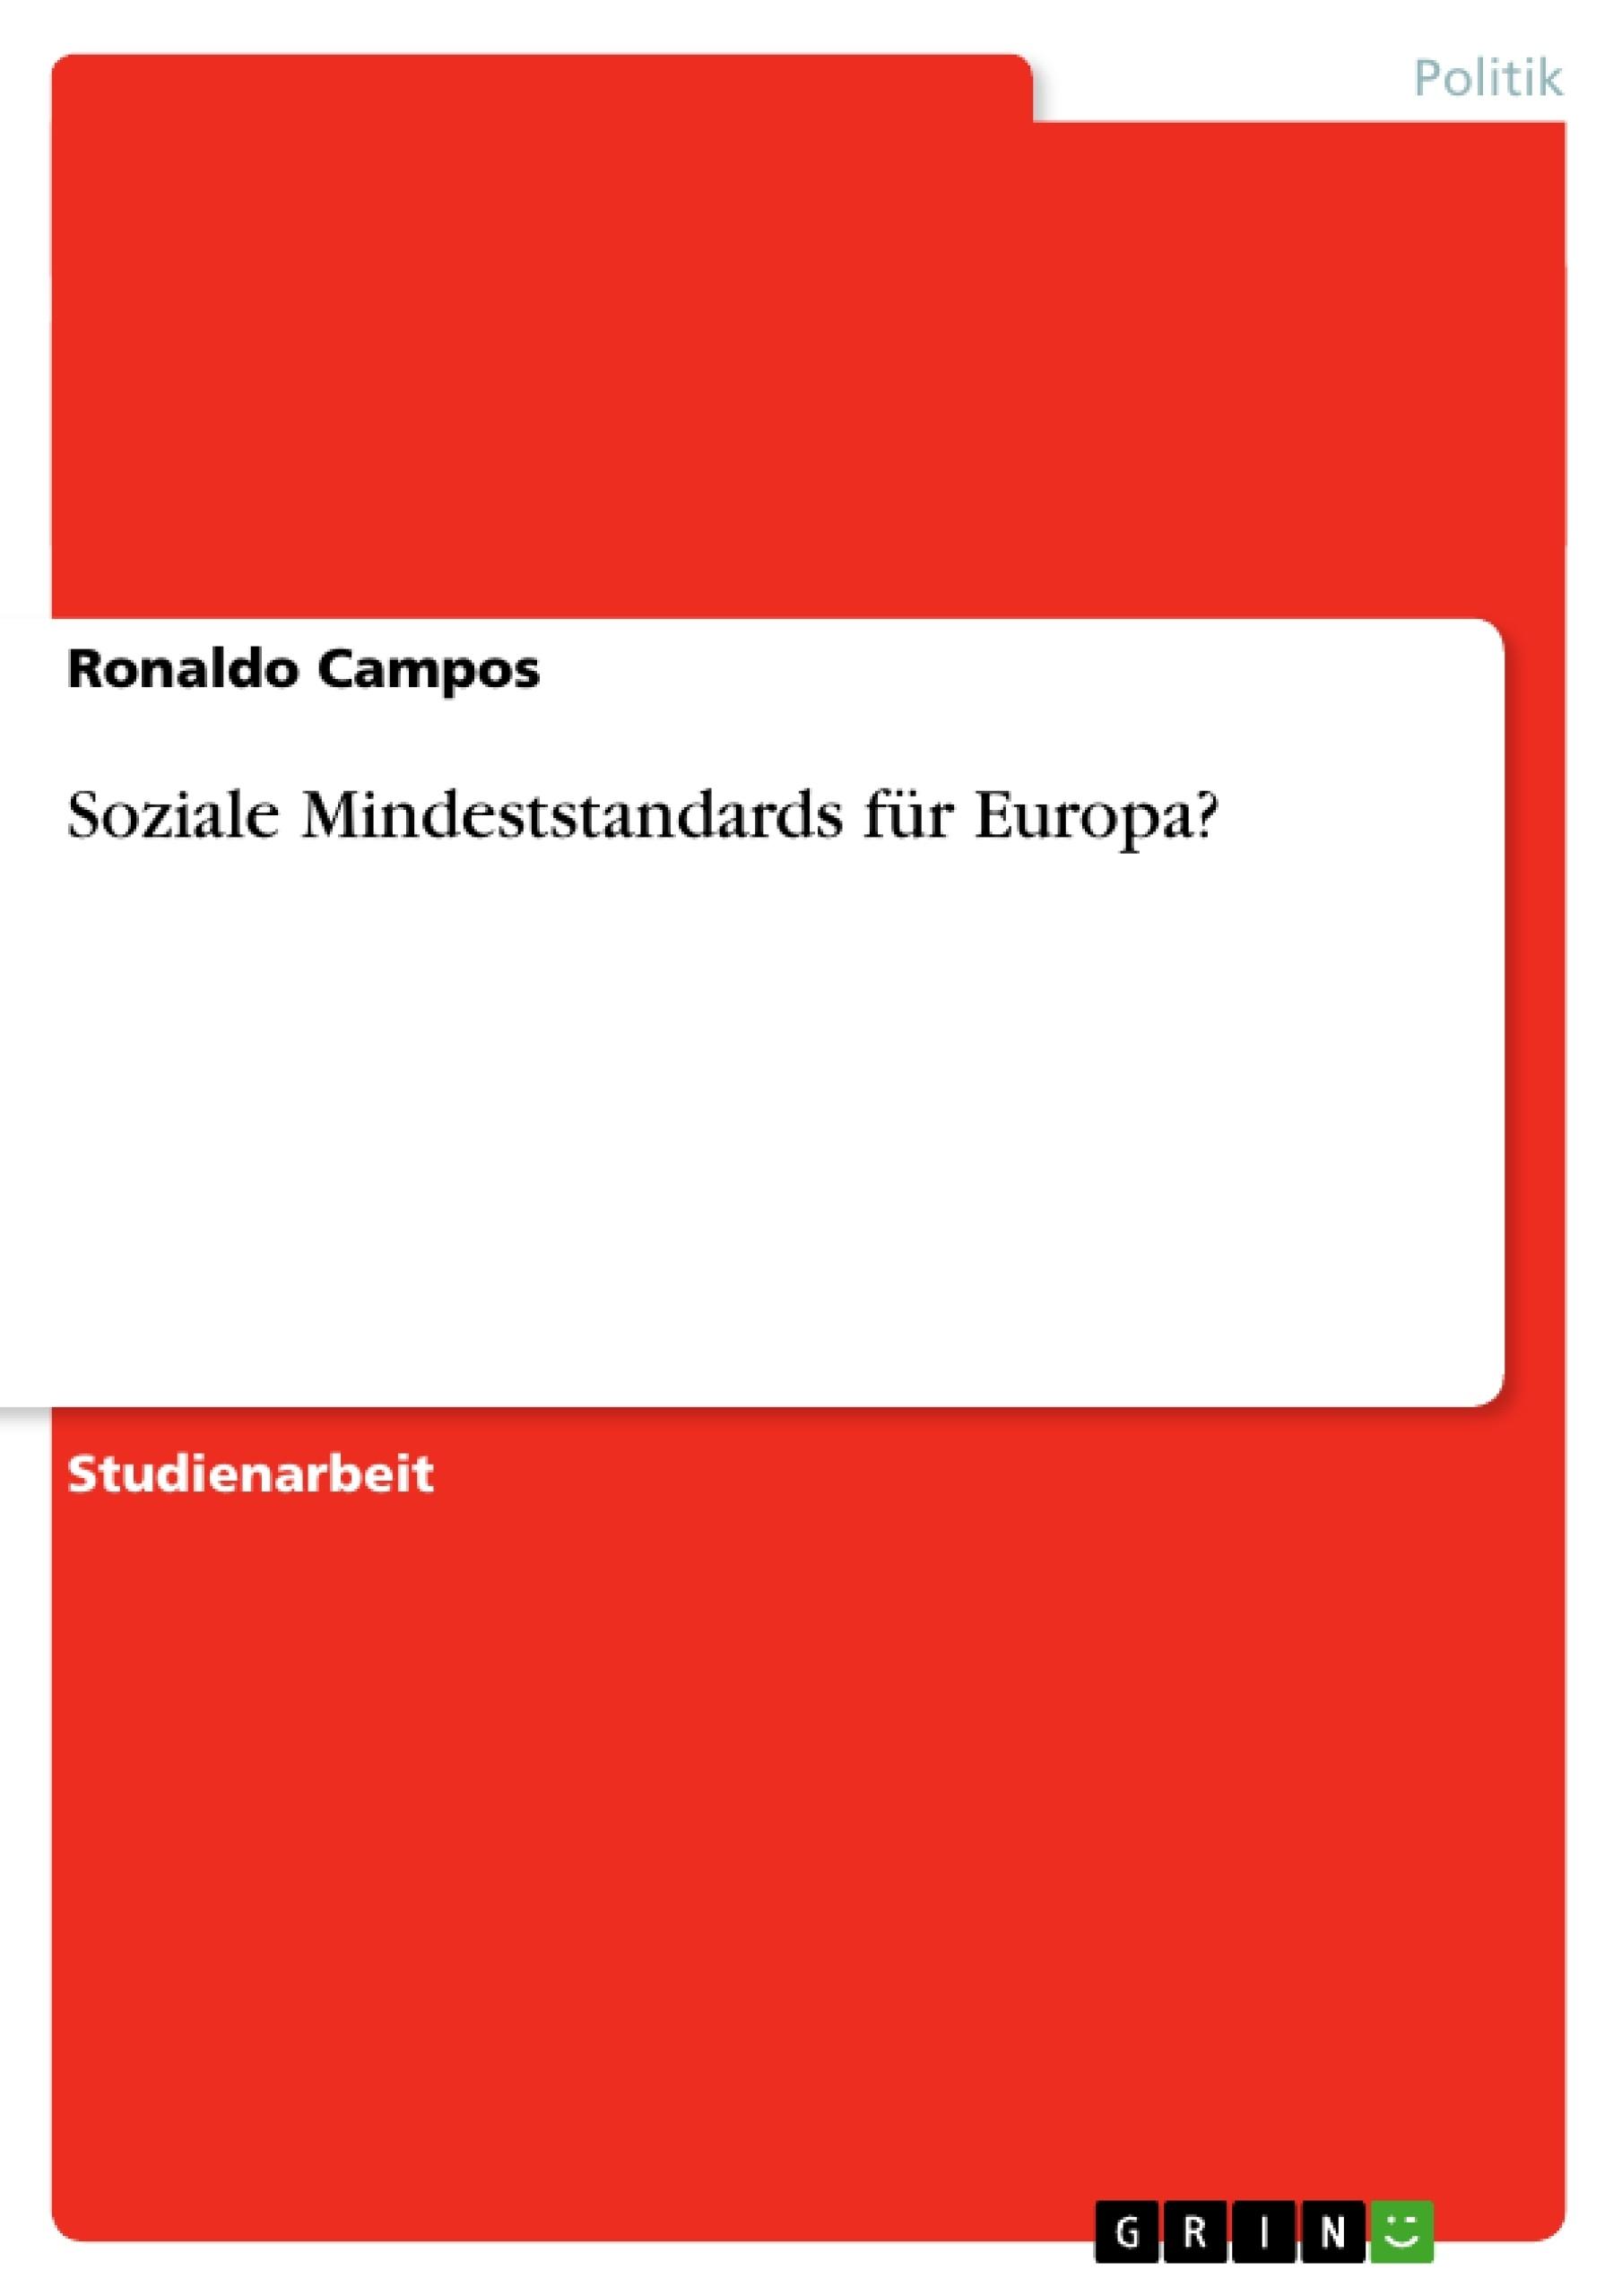 Titel: Soziale Mindeststandards für Europa?